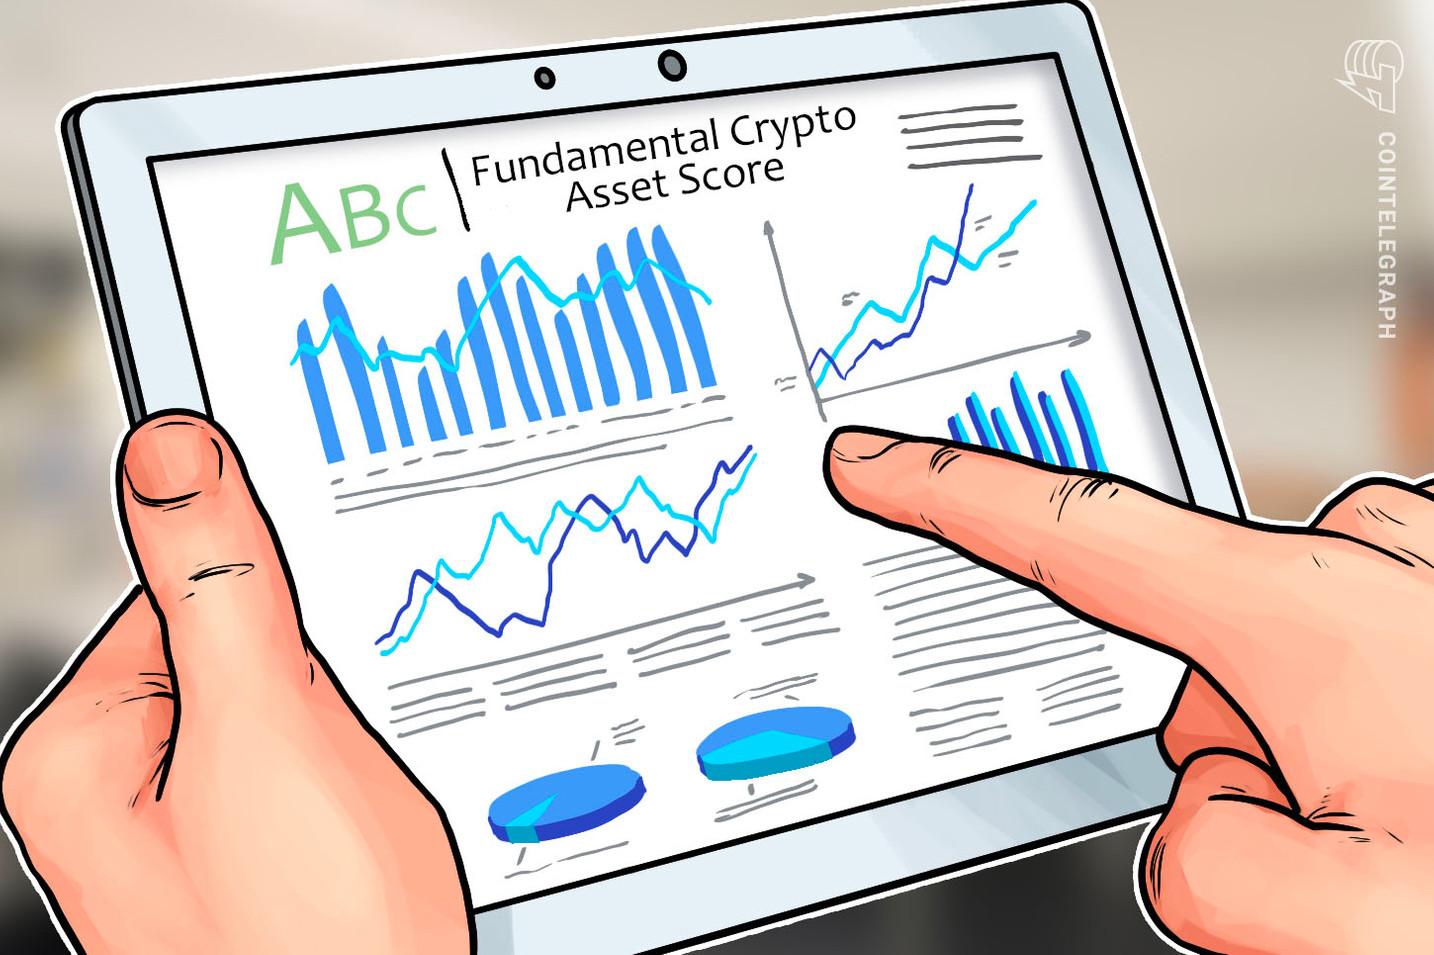 CoinMarketCap introduce un nuovo parametro per calcolare i valori fondamentali delle criptovalute